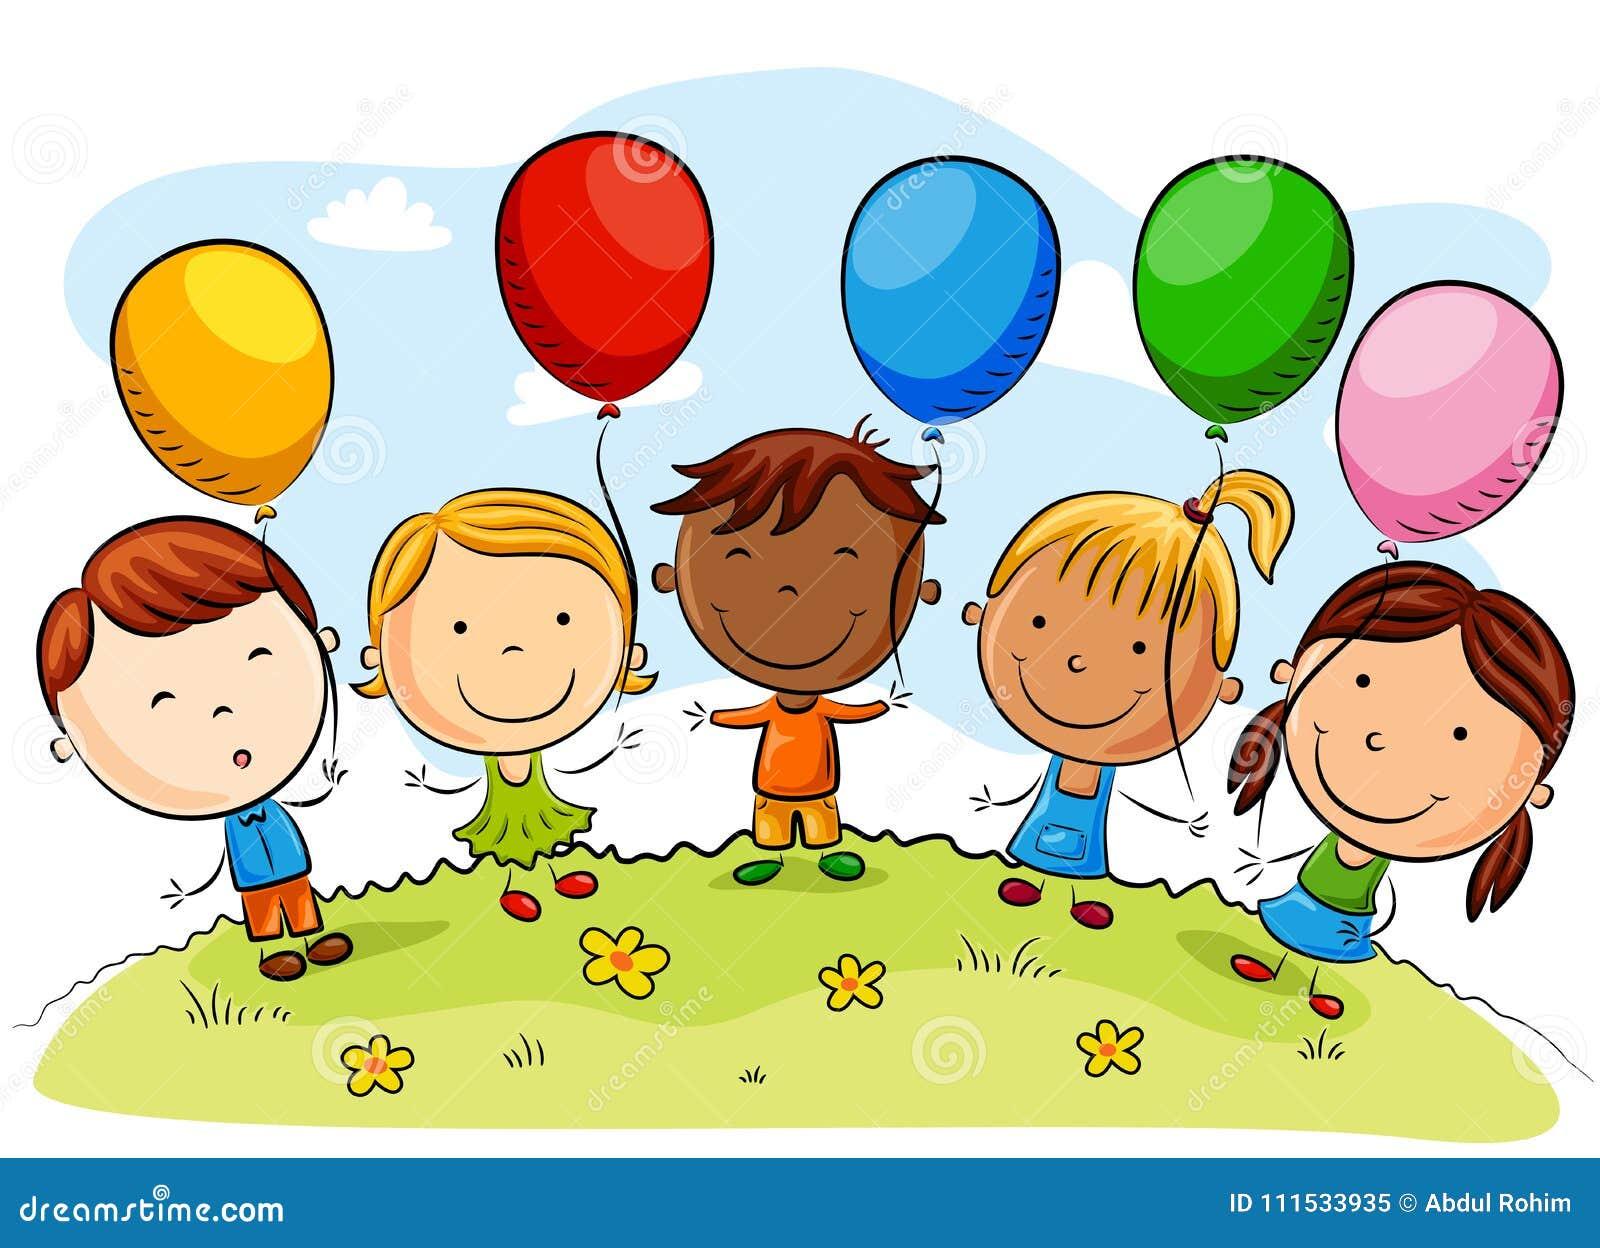 Desenhos Animados Felizes Das Criancas Com Baloes Coloridos